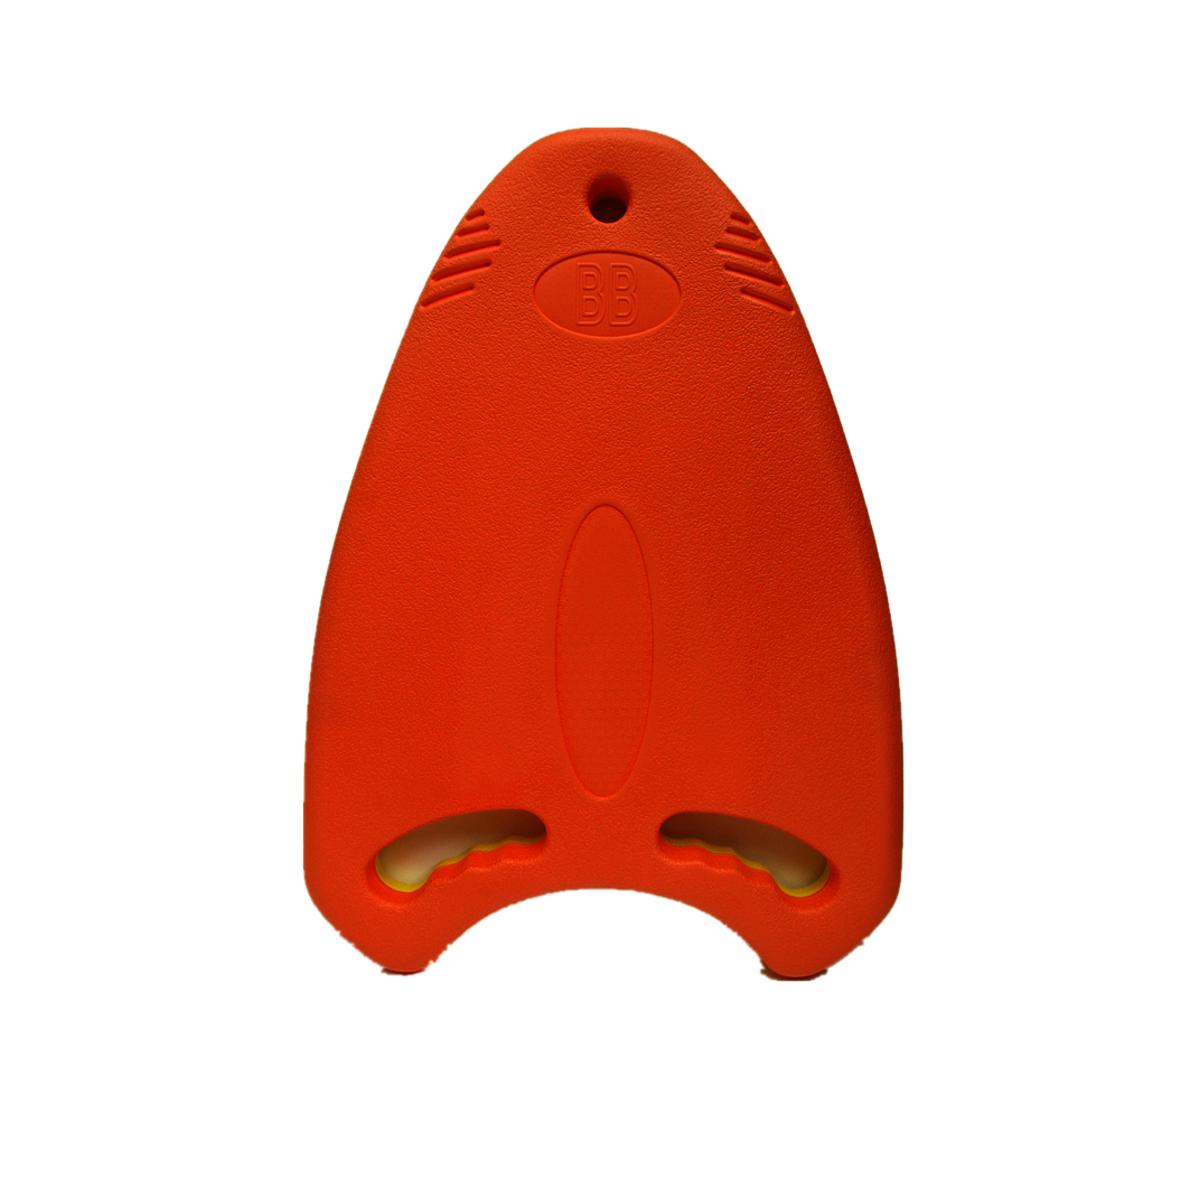 高密度橙/黃色有孔浮板